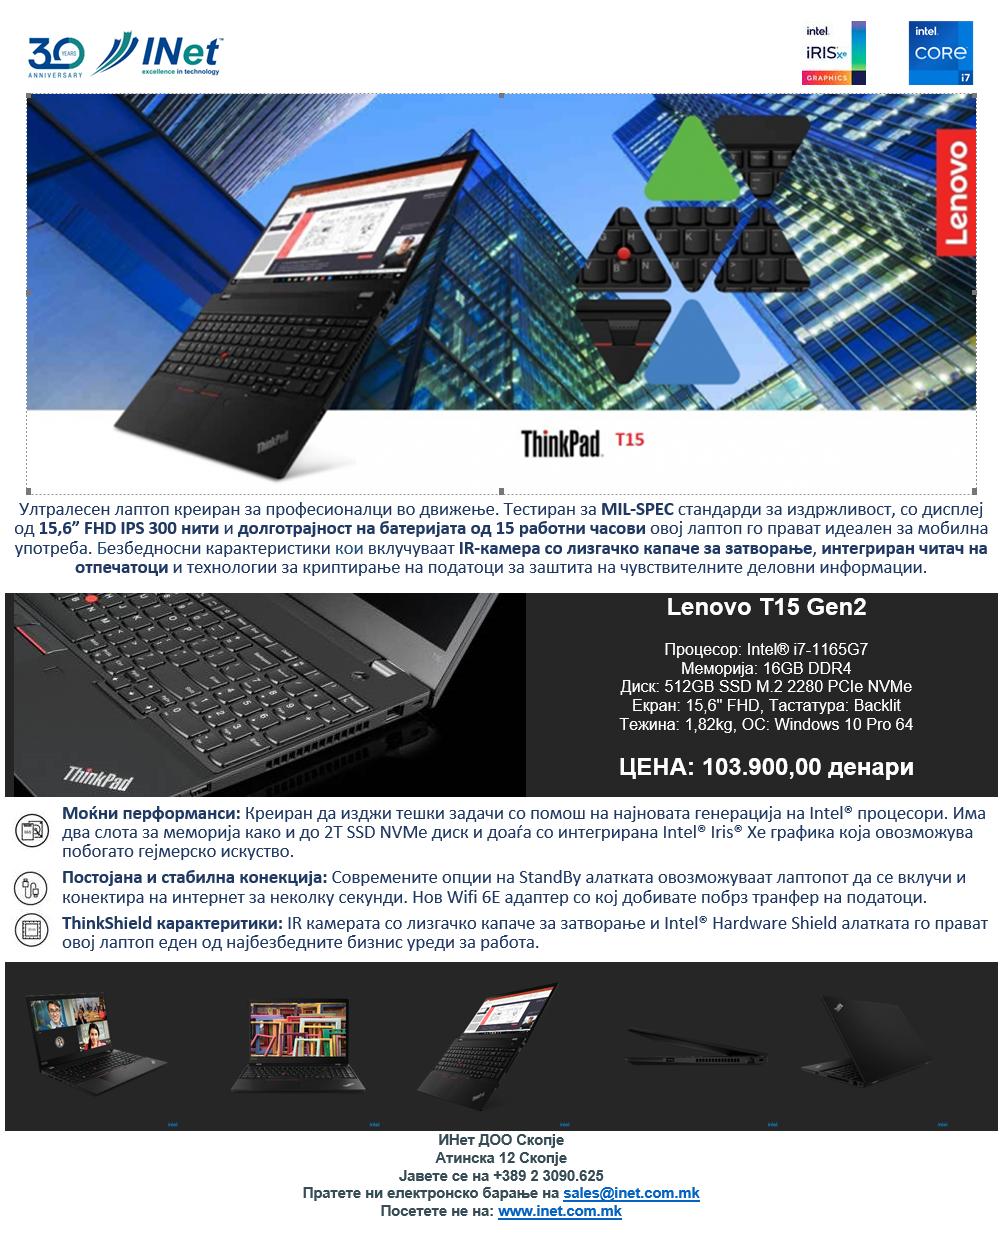 Lenovo PROMO Lenovo ThinkPad T15 G2 - biznis laptop od kompletno druga dimenzija